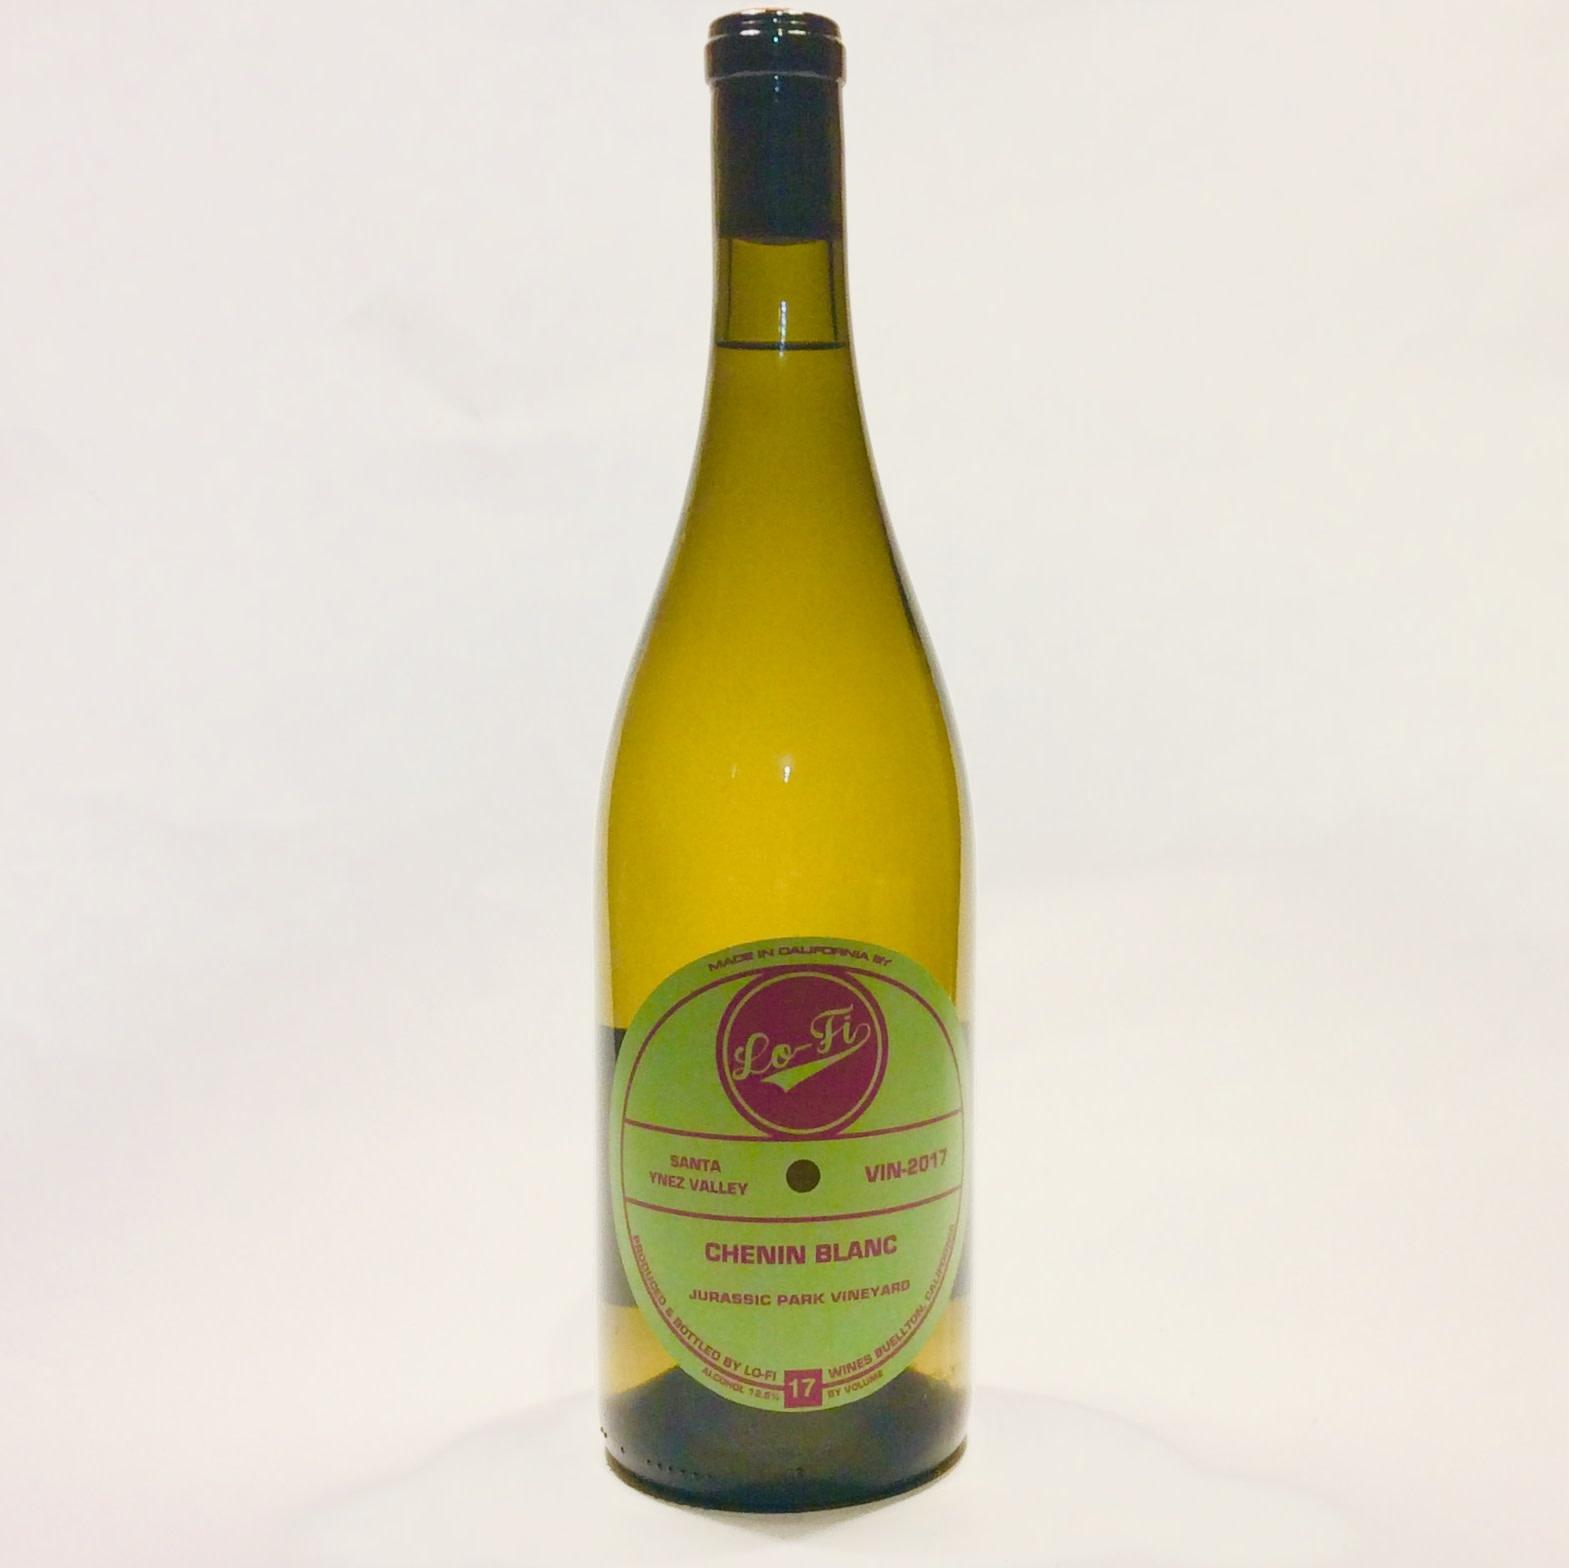 Lo-Fi - Chenin Blanc - Santa Barbara 2017 (750 ml)